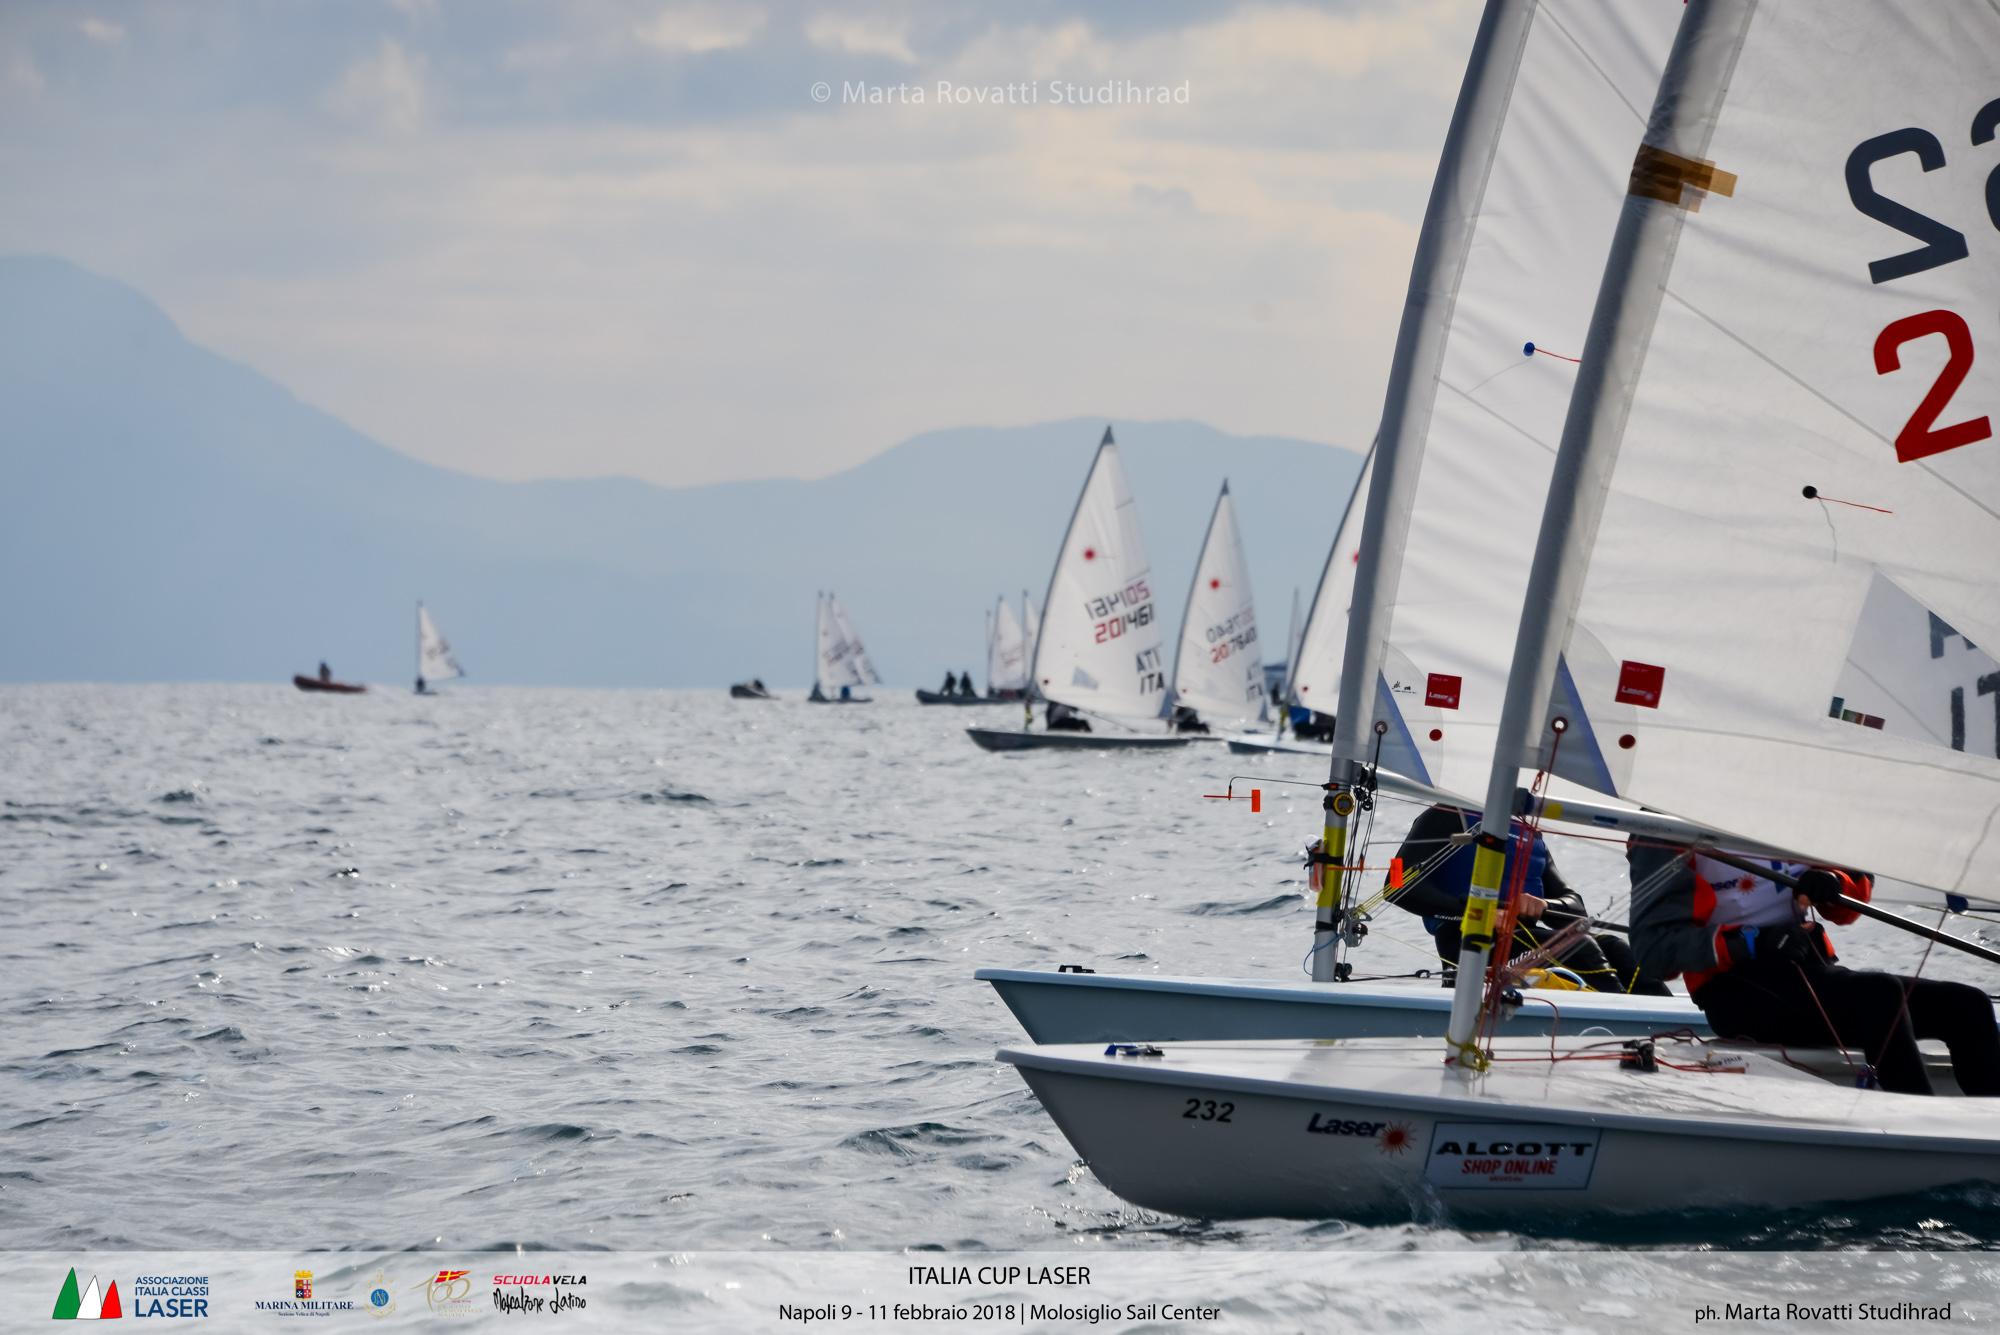 Associazione-Italia-Classi-Laser-2018-NapoliMGR_4672